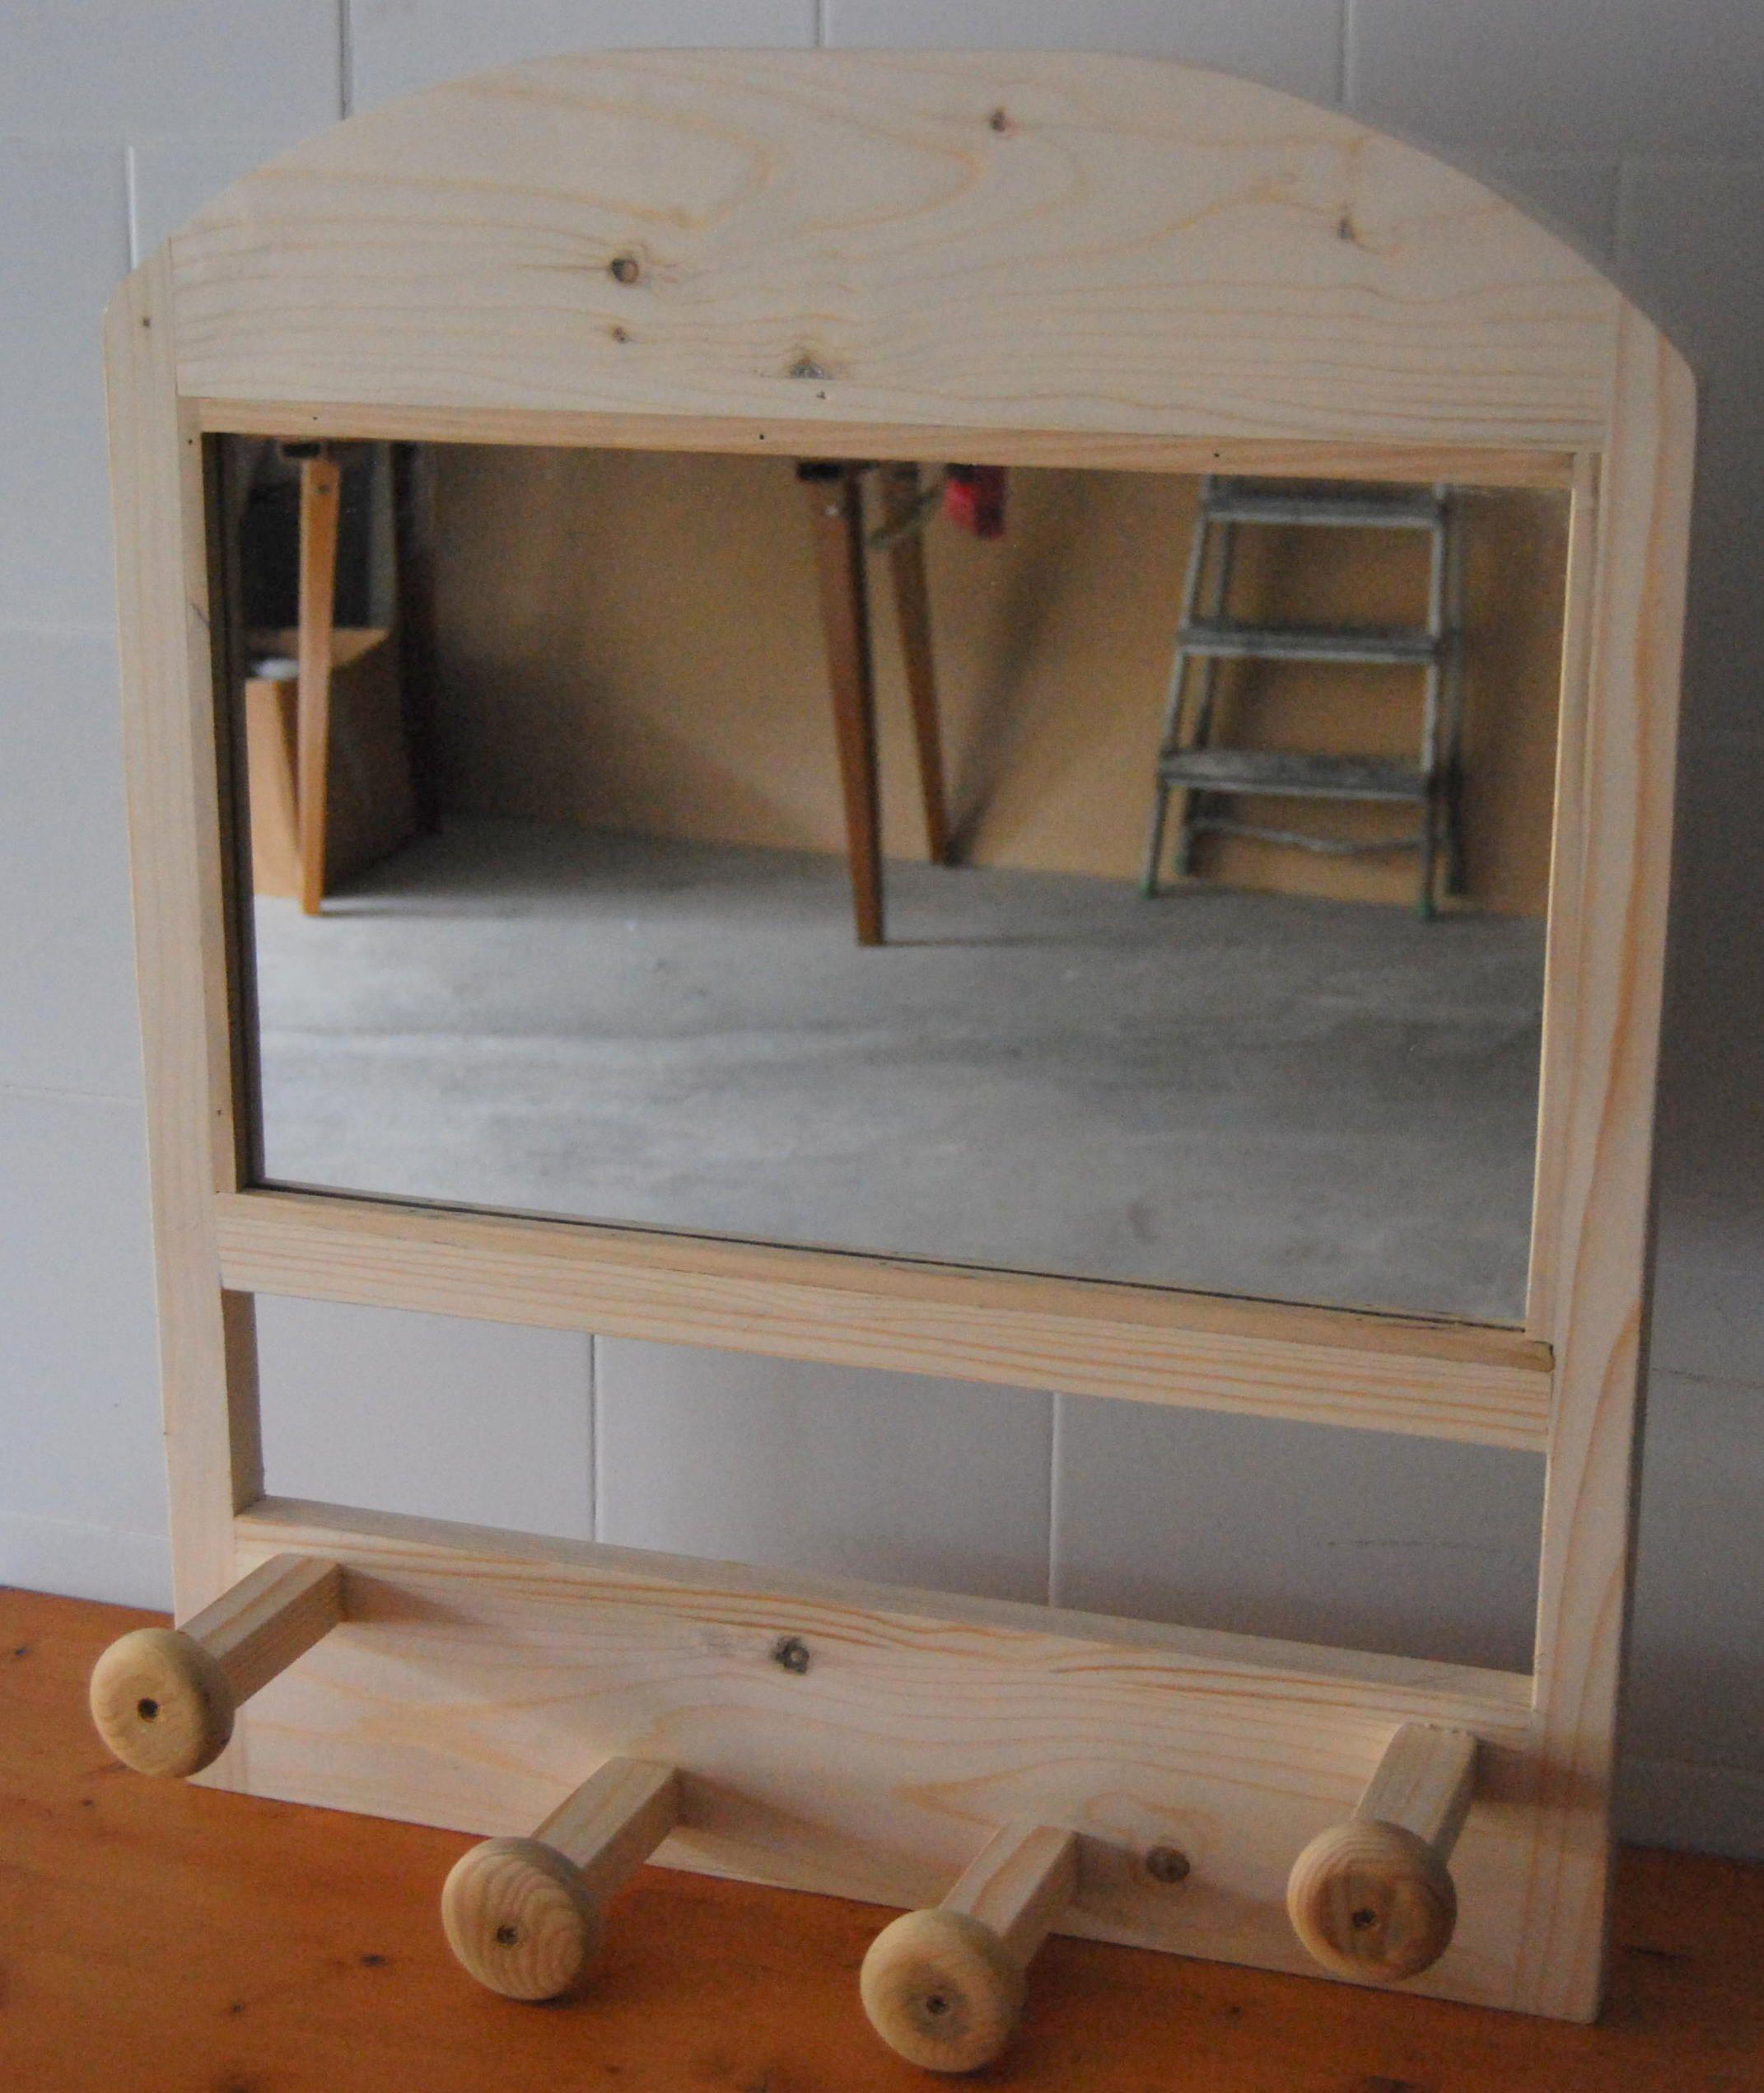 Espejo Perchero Colgador Todo En Uno Qu M S Quieres Madera  # Muebles Todo En Uno